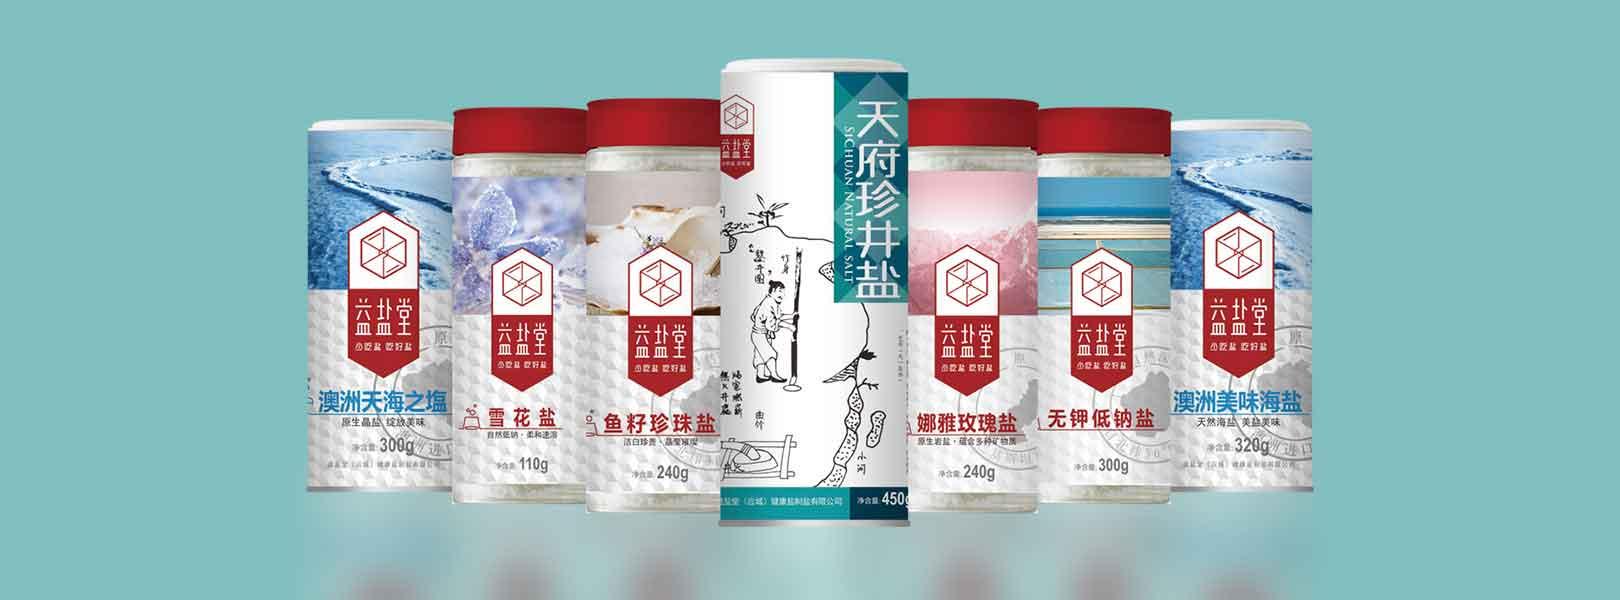 自然深井盐(无碘) 天然钙盐 海藻碘盐 纯珍水晶盐 自然深井盐(海藻碘